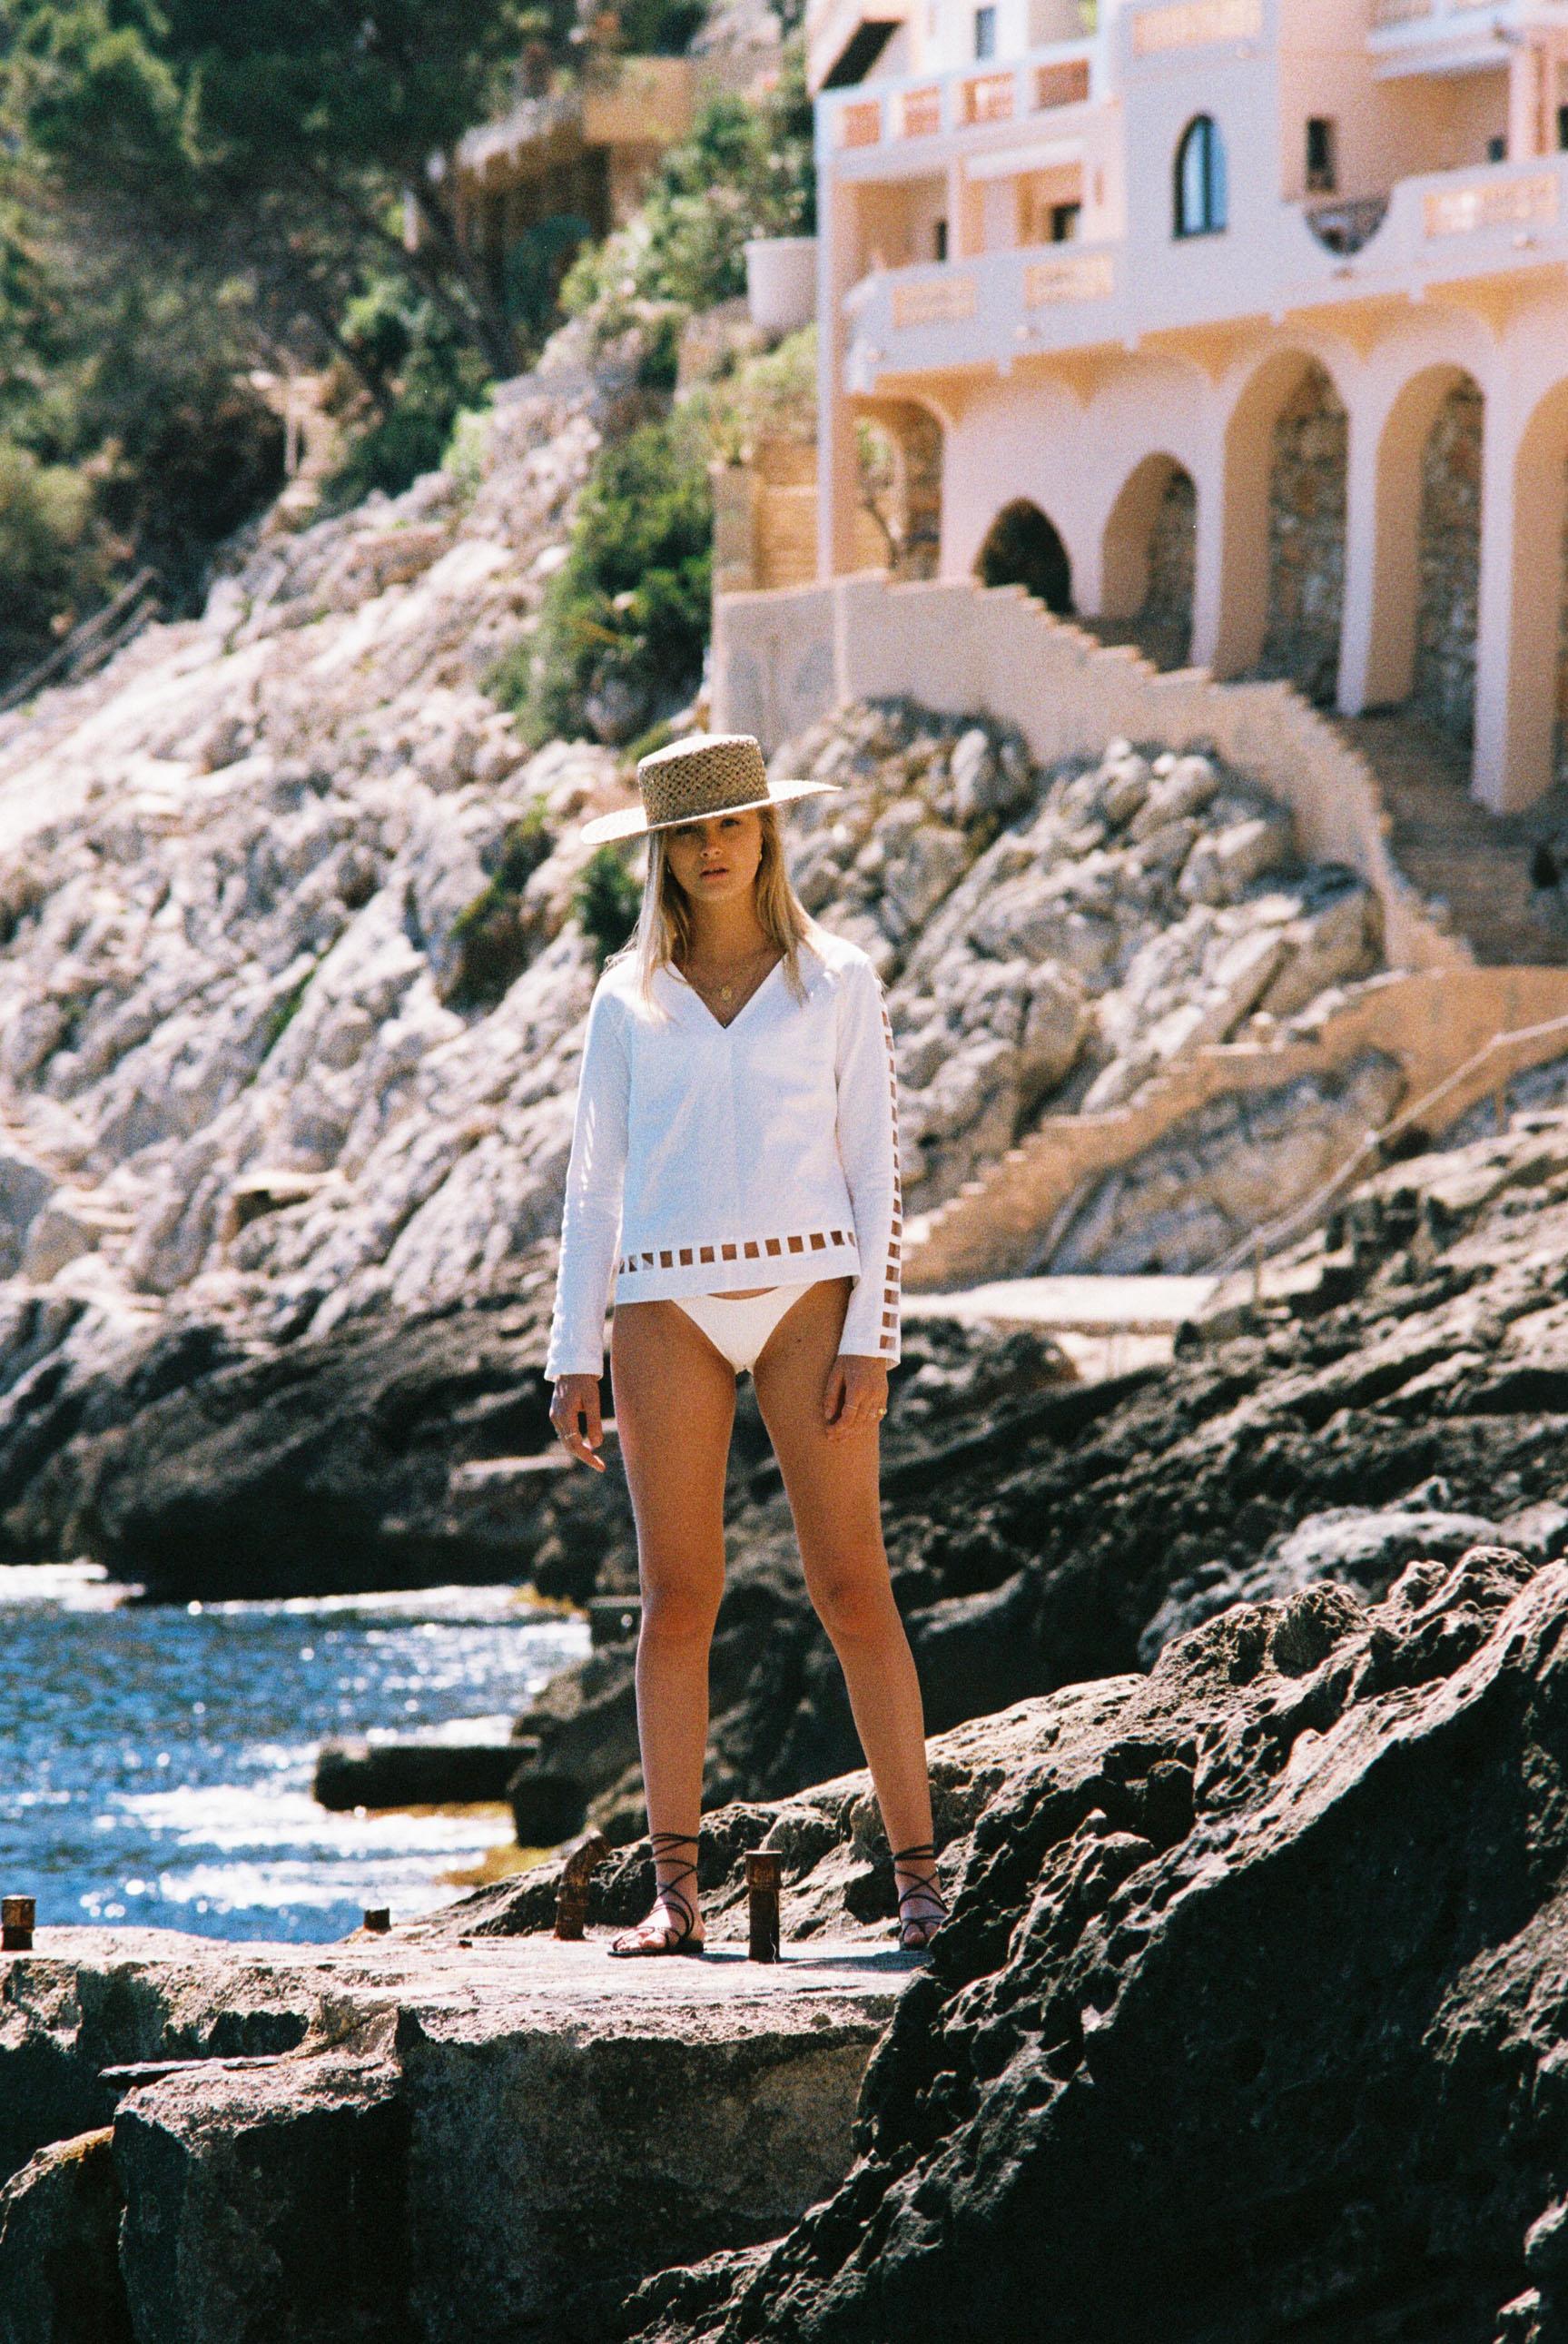 Бритни ван дер Стин в пляжной одежде модного бренда Rada Bryant, весна-лето 2020 / фото 12